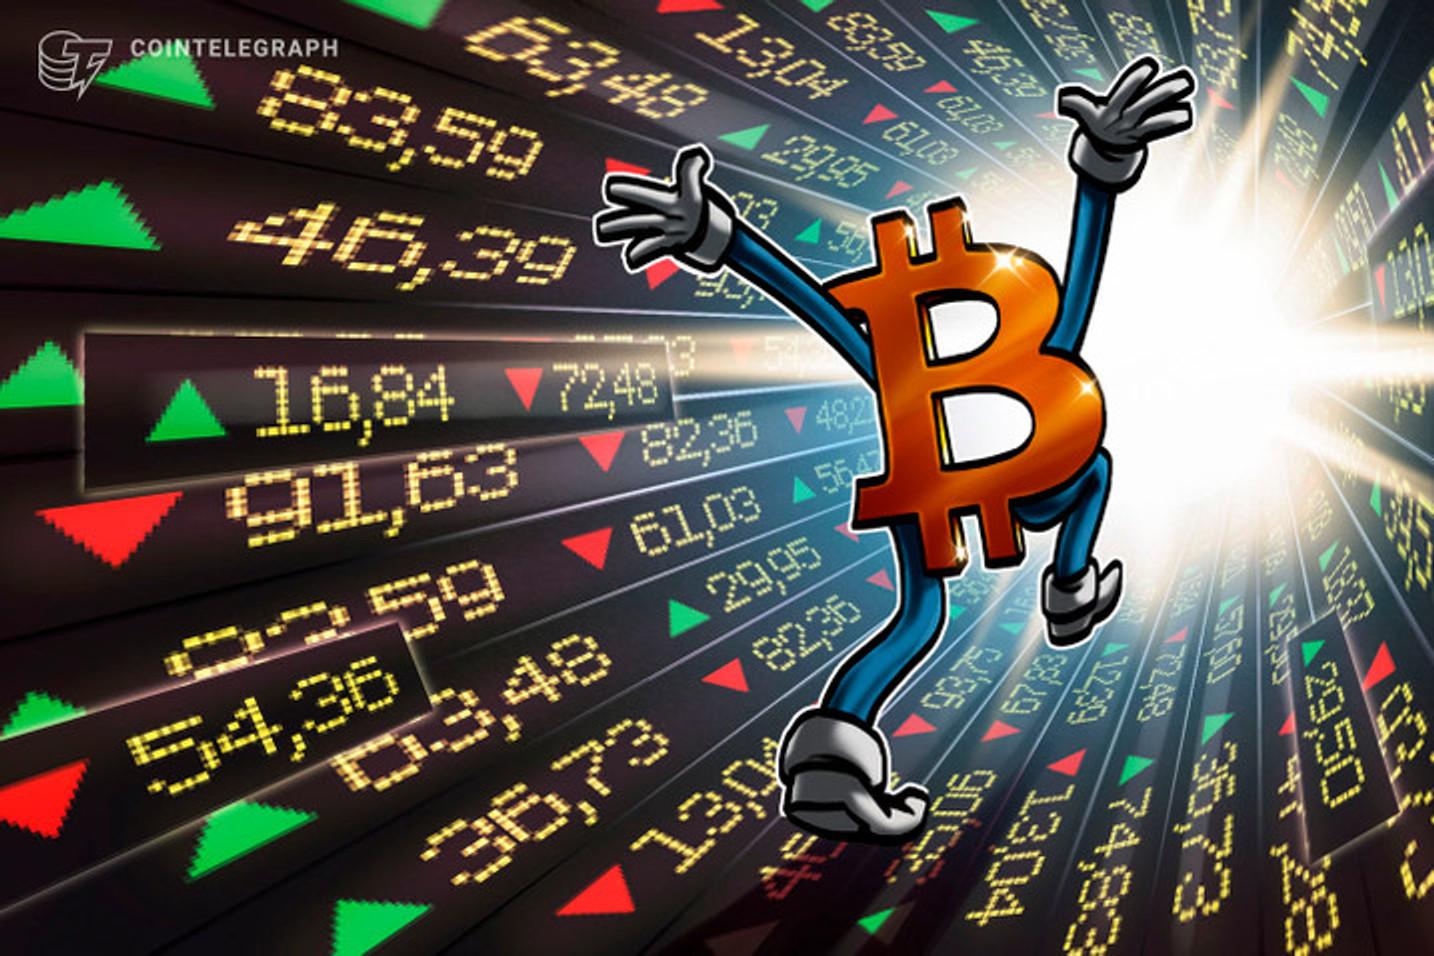 'A moeda usada nas bolsas de valores está entrando em colapso e empresas precisam se defender com o Bitcoin', diz Michael Saylor